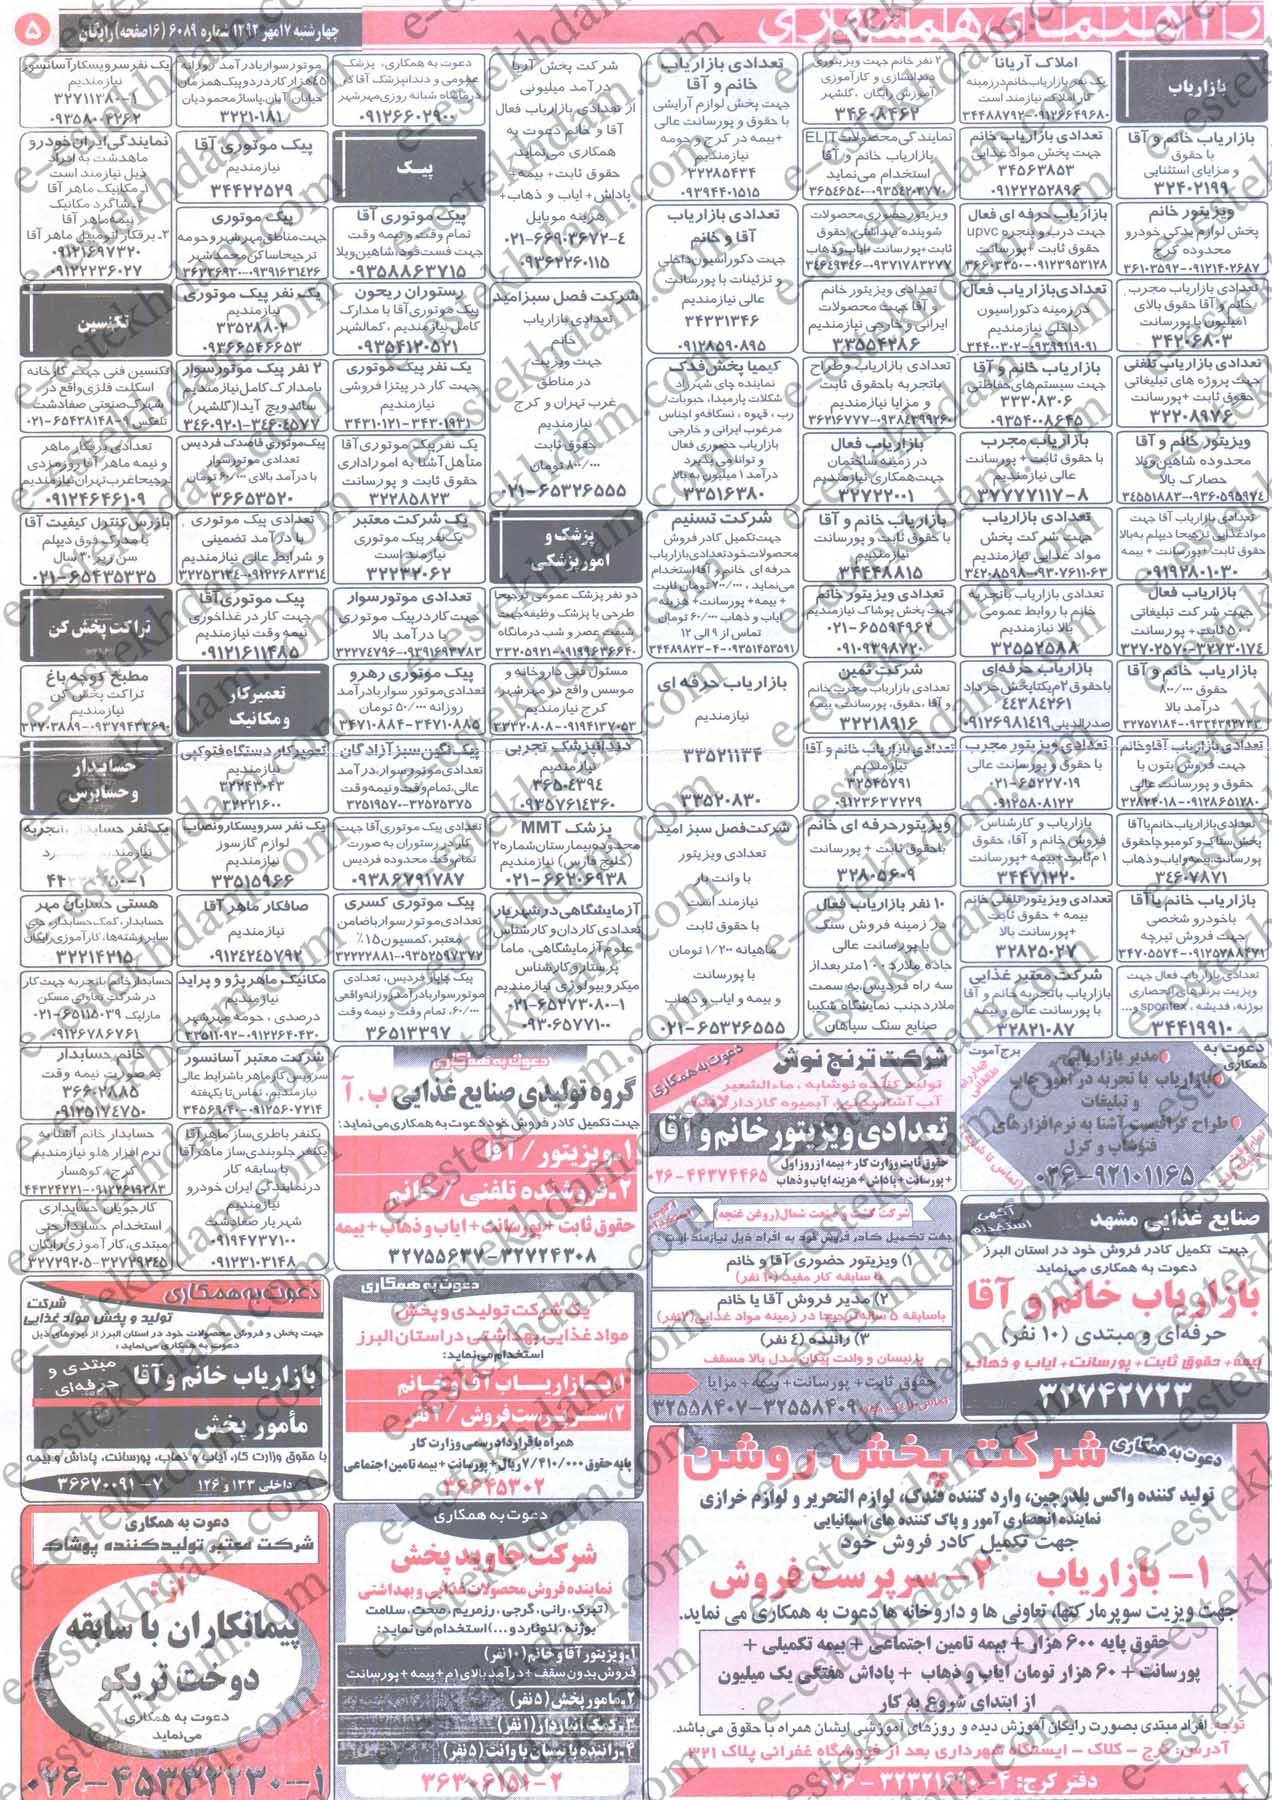 استخدام شهر کرج و استان البرز | 17 مهر 92 | «ای استخدام» | آگهی ...KARAJ (2)